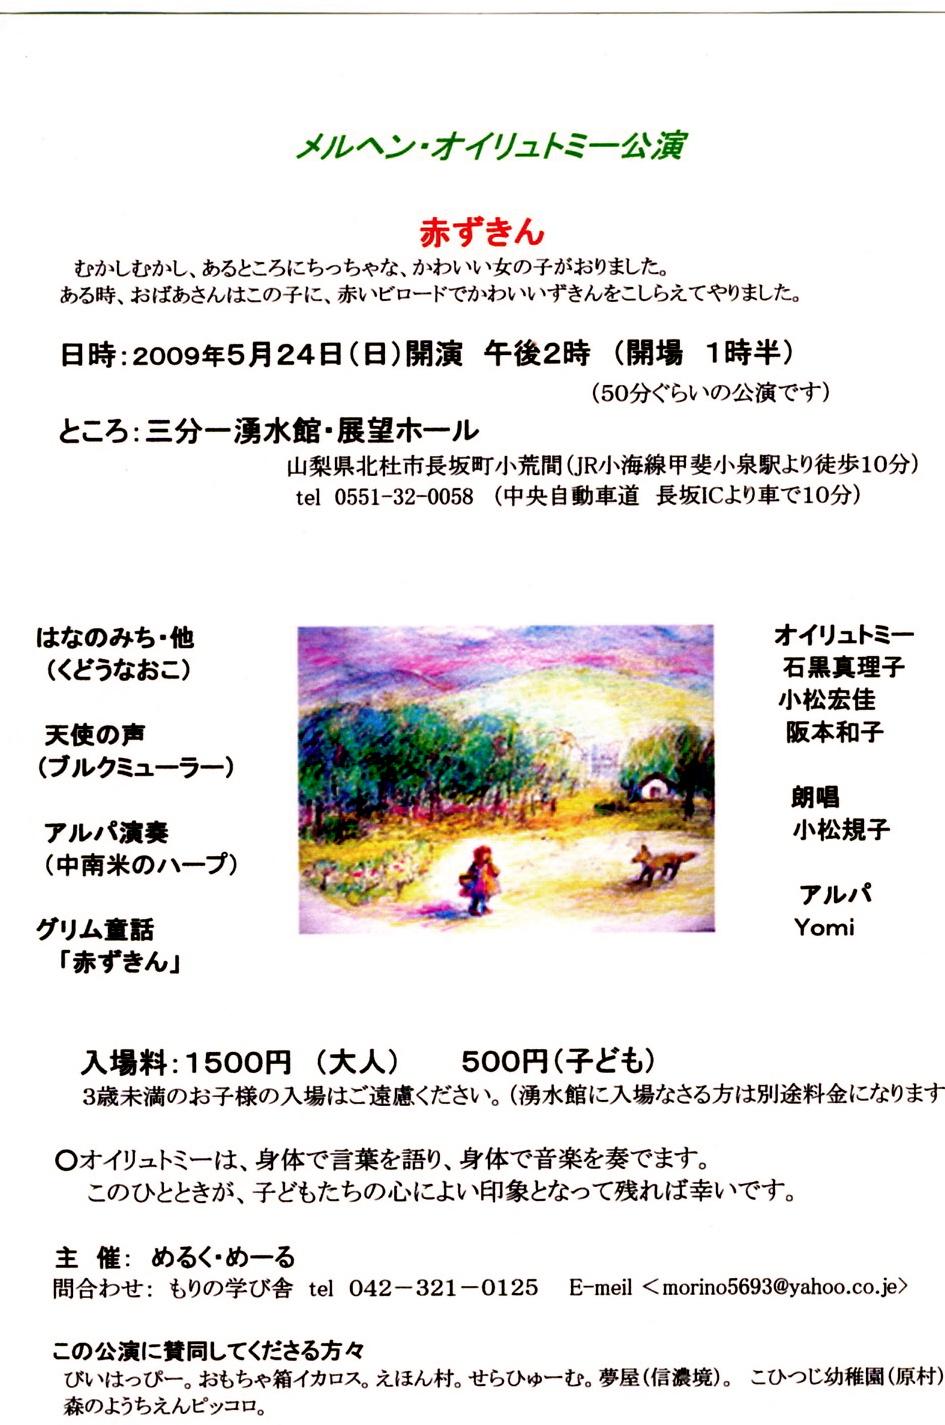 メルヘン・オイリュトミー「赤ずきん」_e0105099_011524.jpg